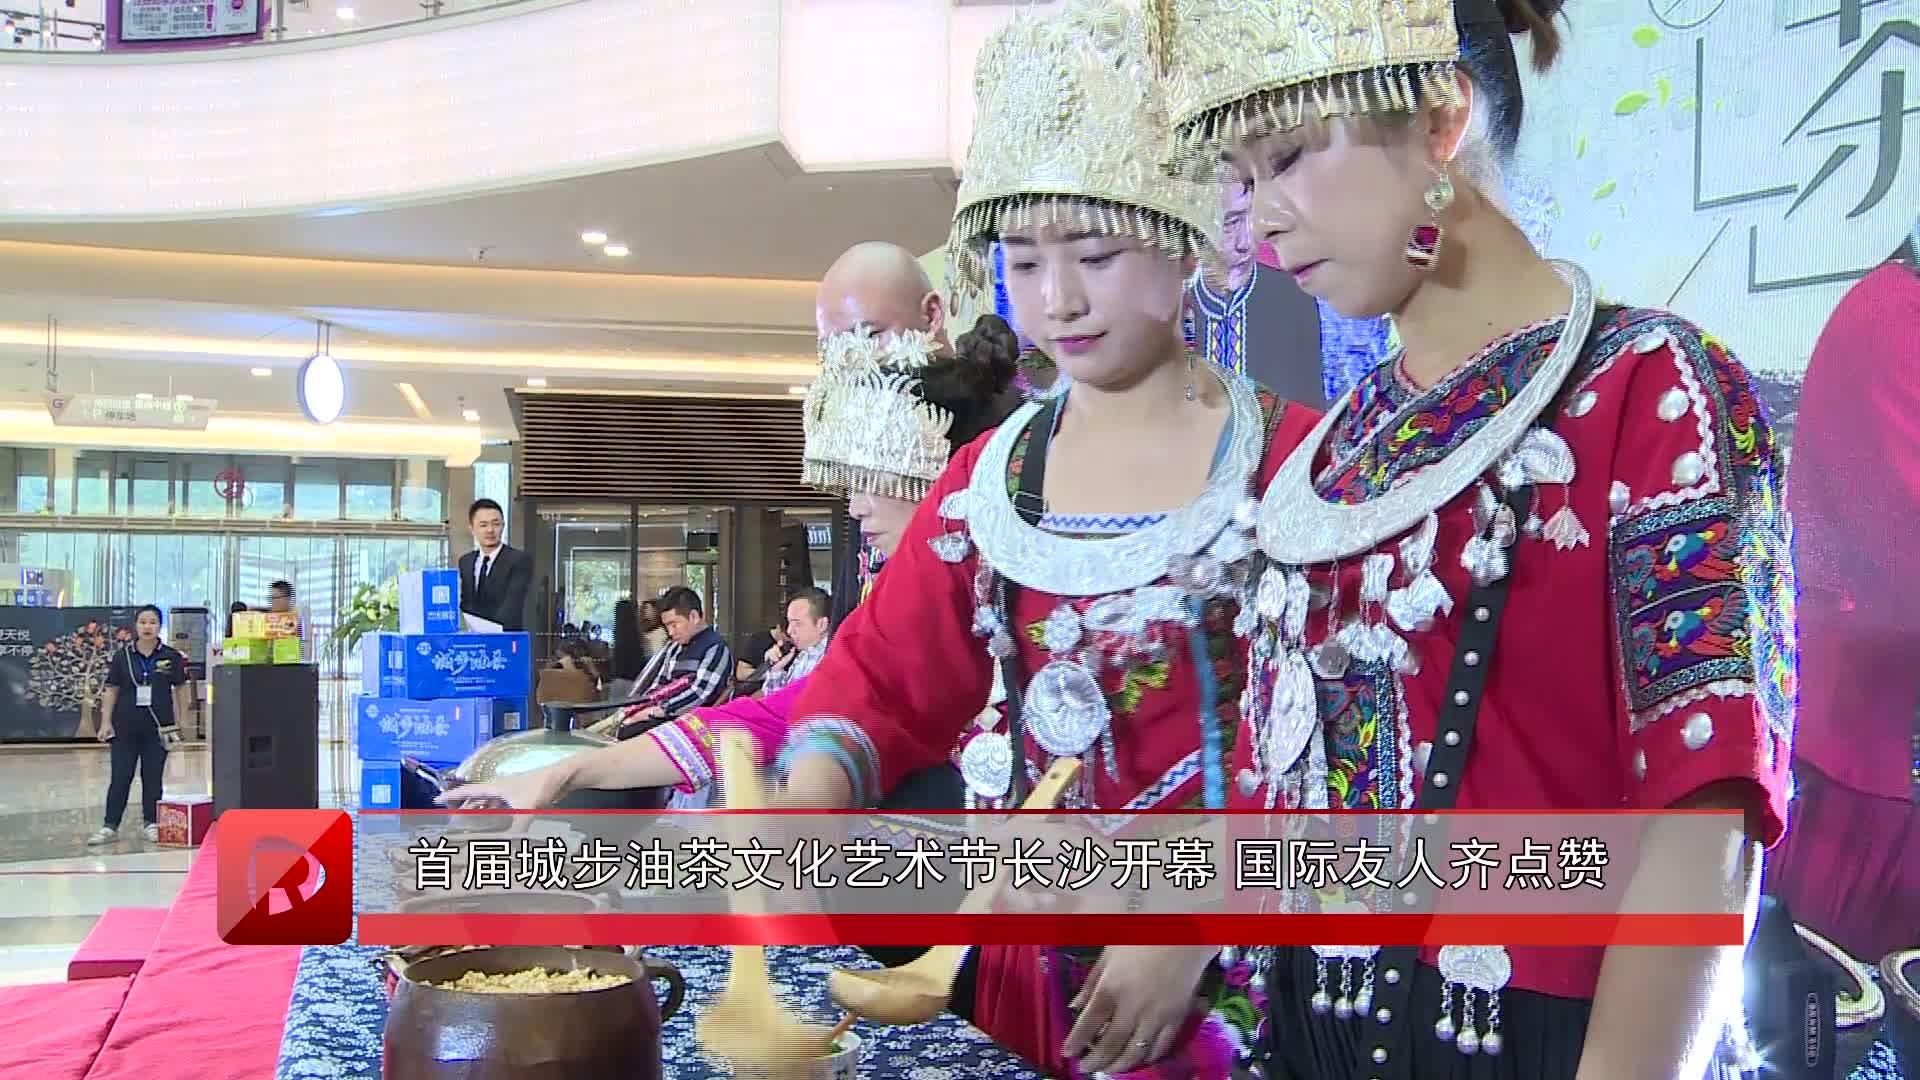 首届城步油茶文化艺术节长沙开幕 国际友人齐点赞